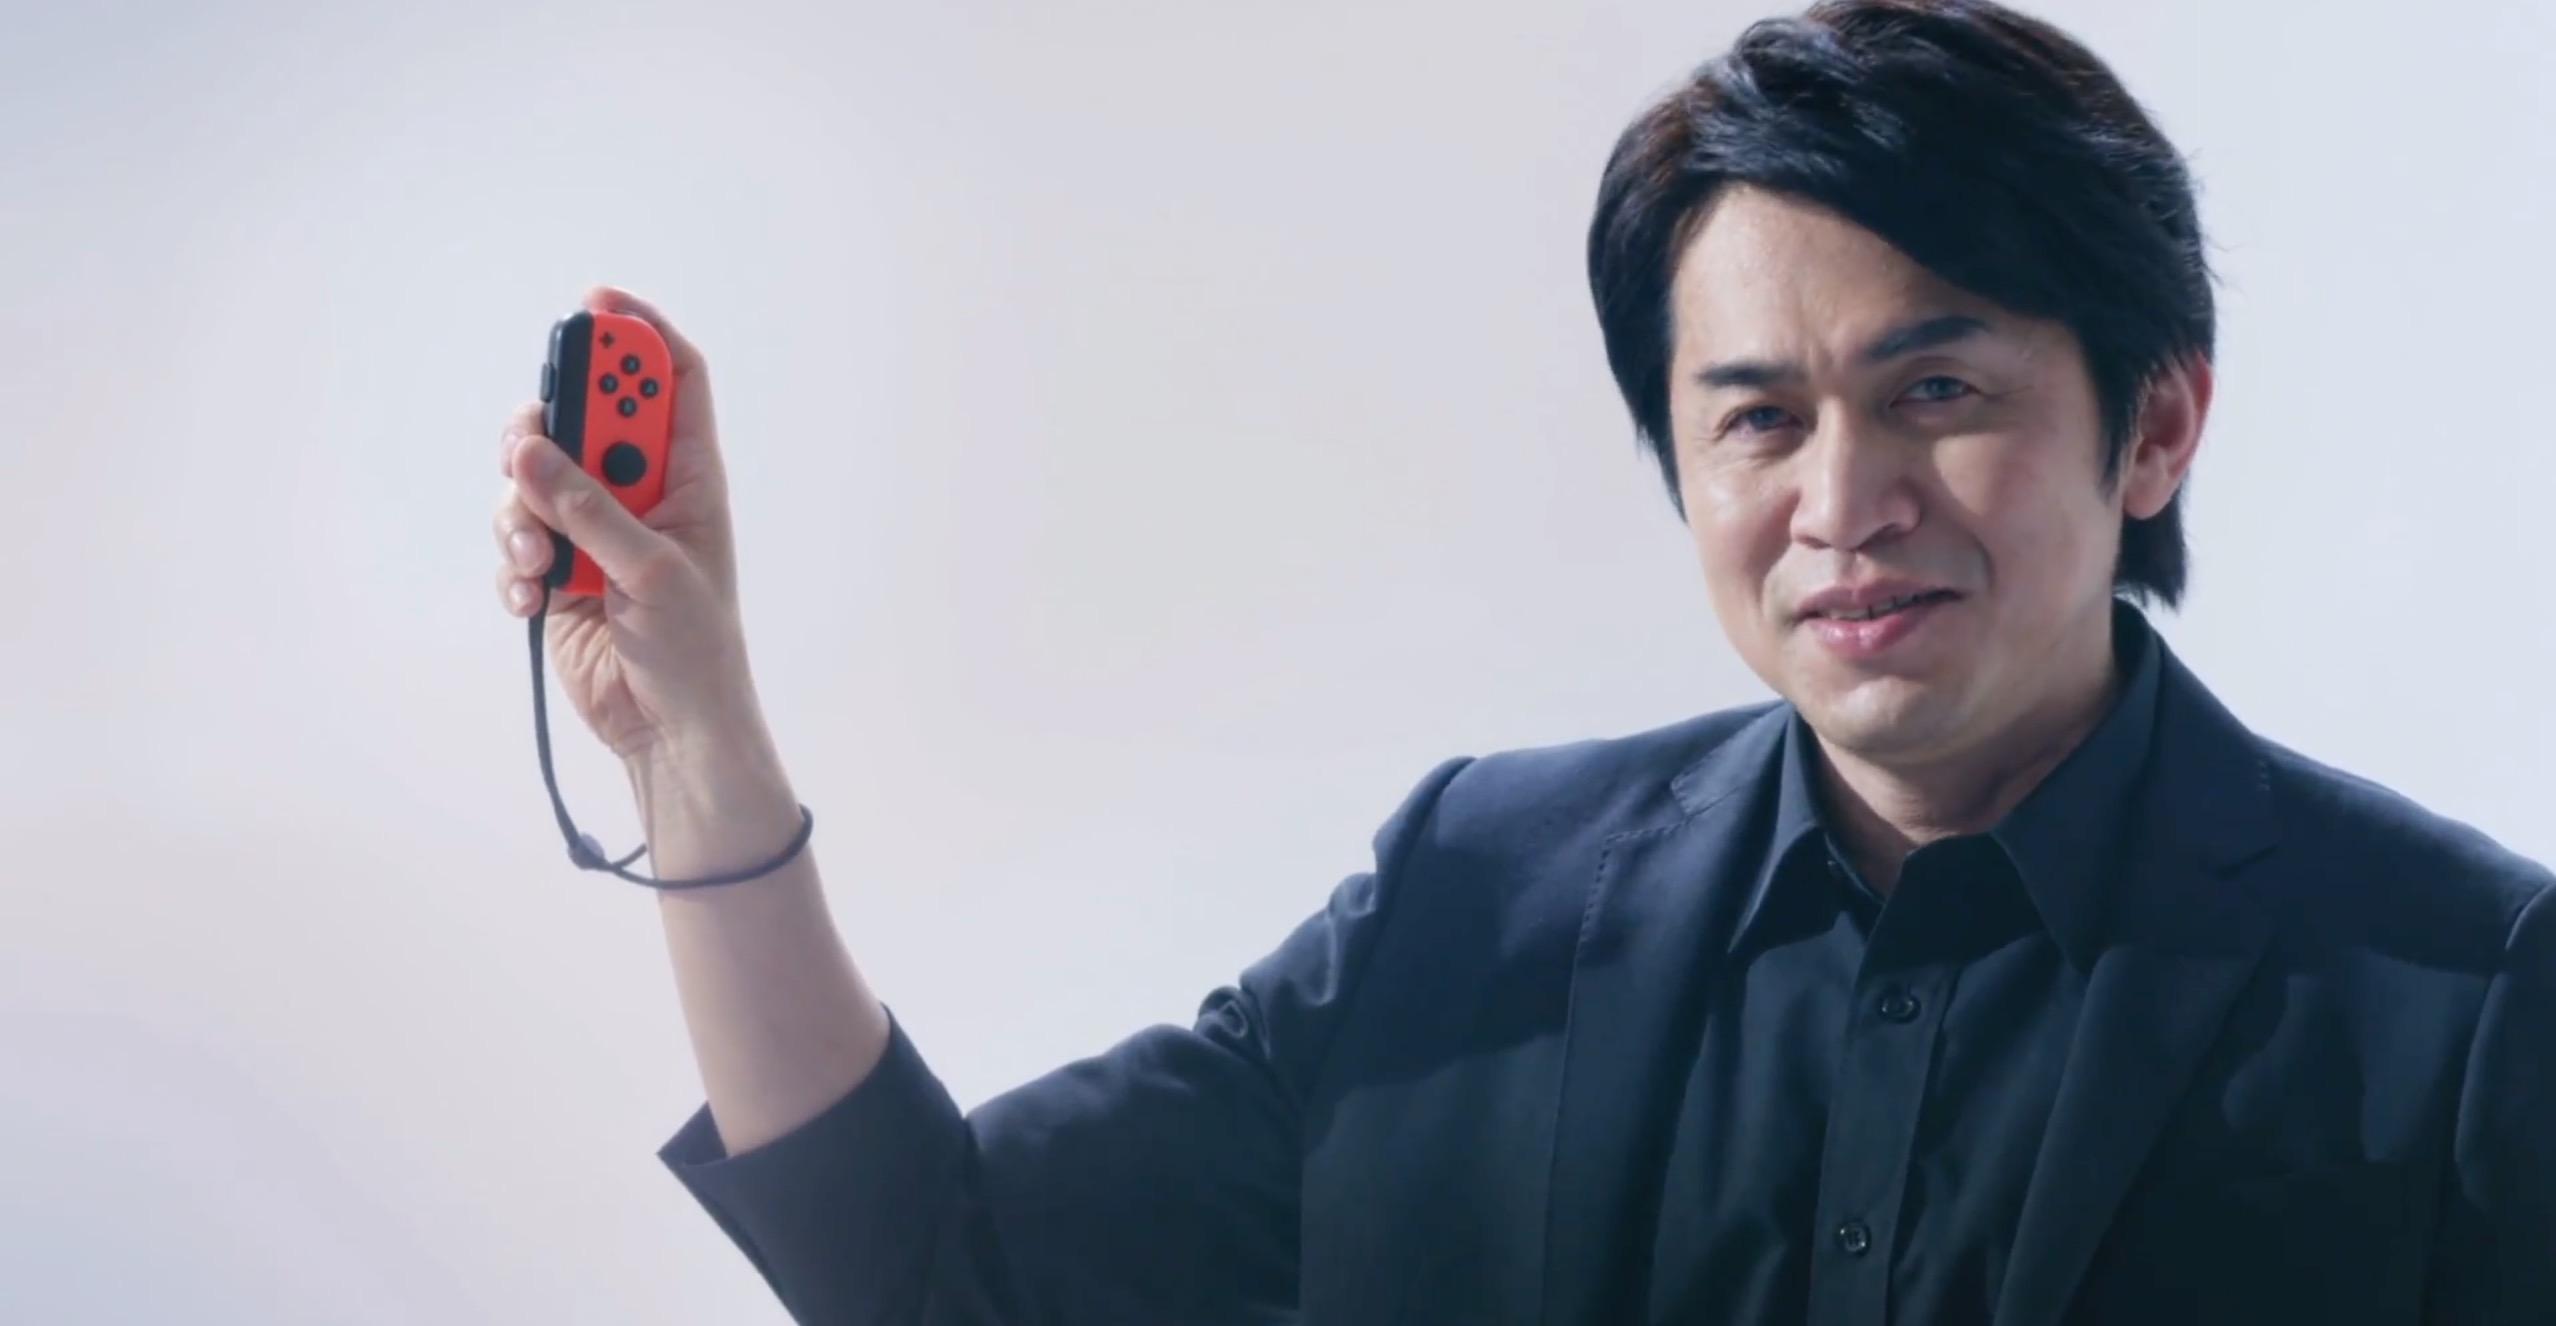 Premiera Nintendo Switch już za miesiąc. W co zagramy na początek?